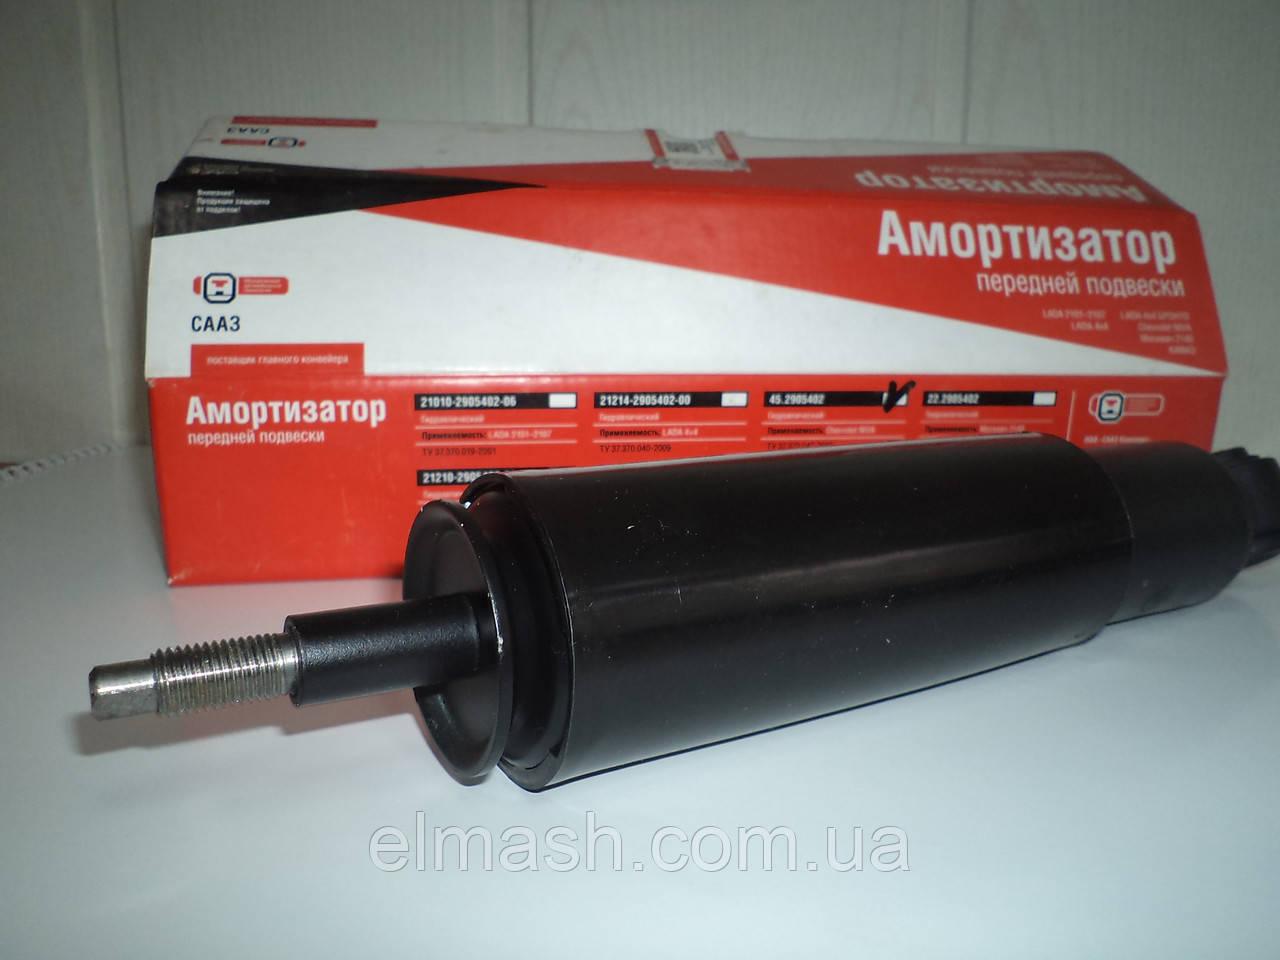 Амортизатор ВАЗ 2123 НИВА-ШЕВРОЛЕ подв. передн. (пр-во ОАТ-Скопин)